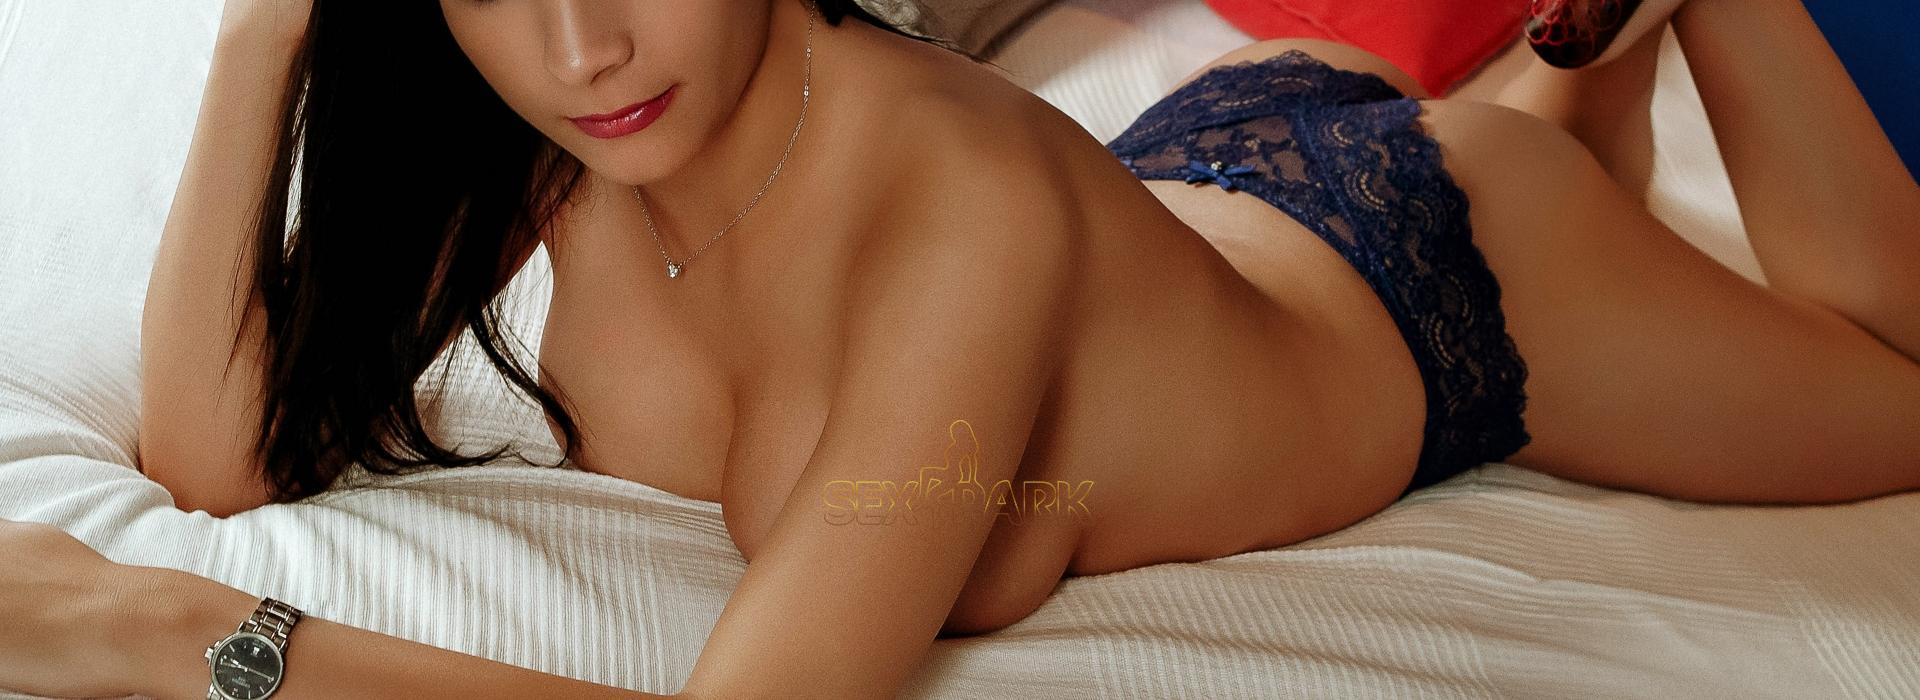 Mihaela background photo